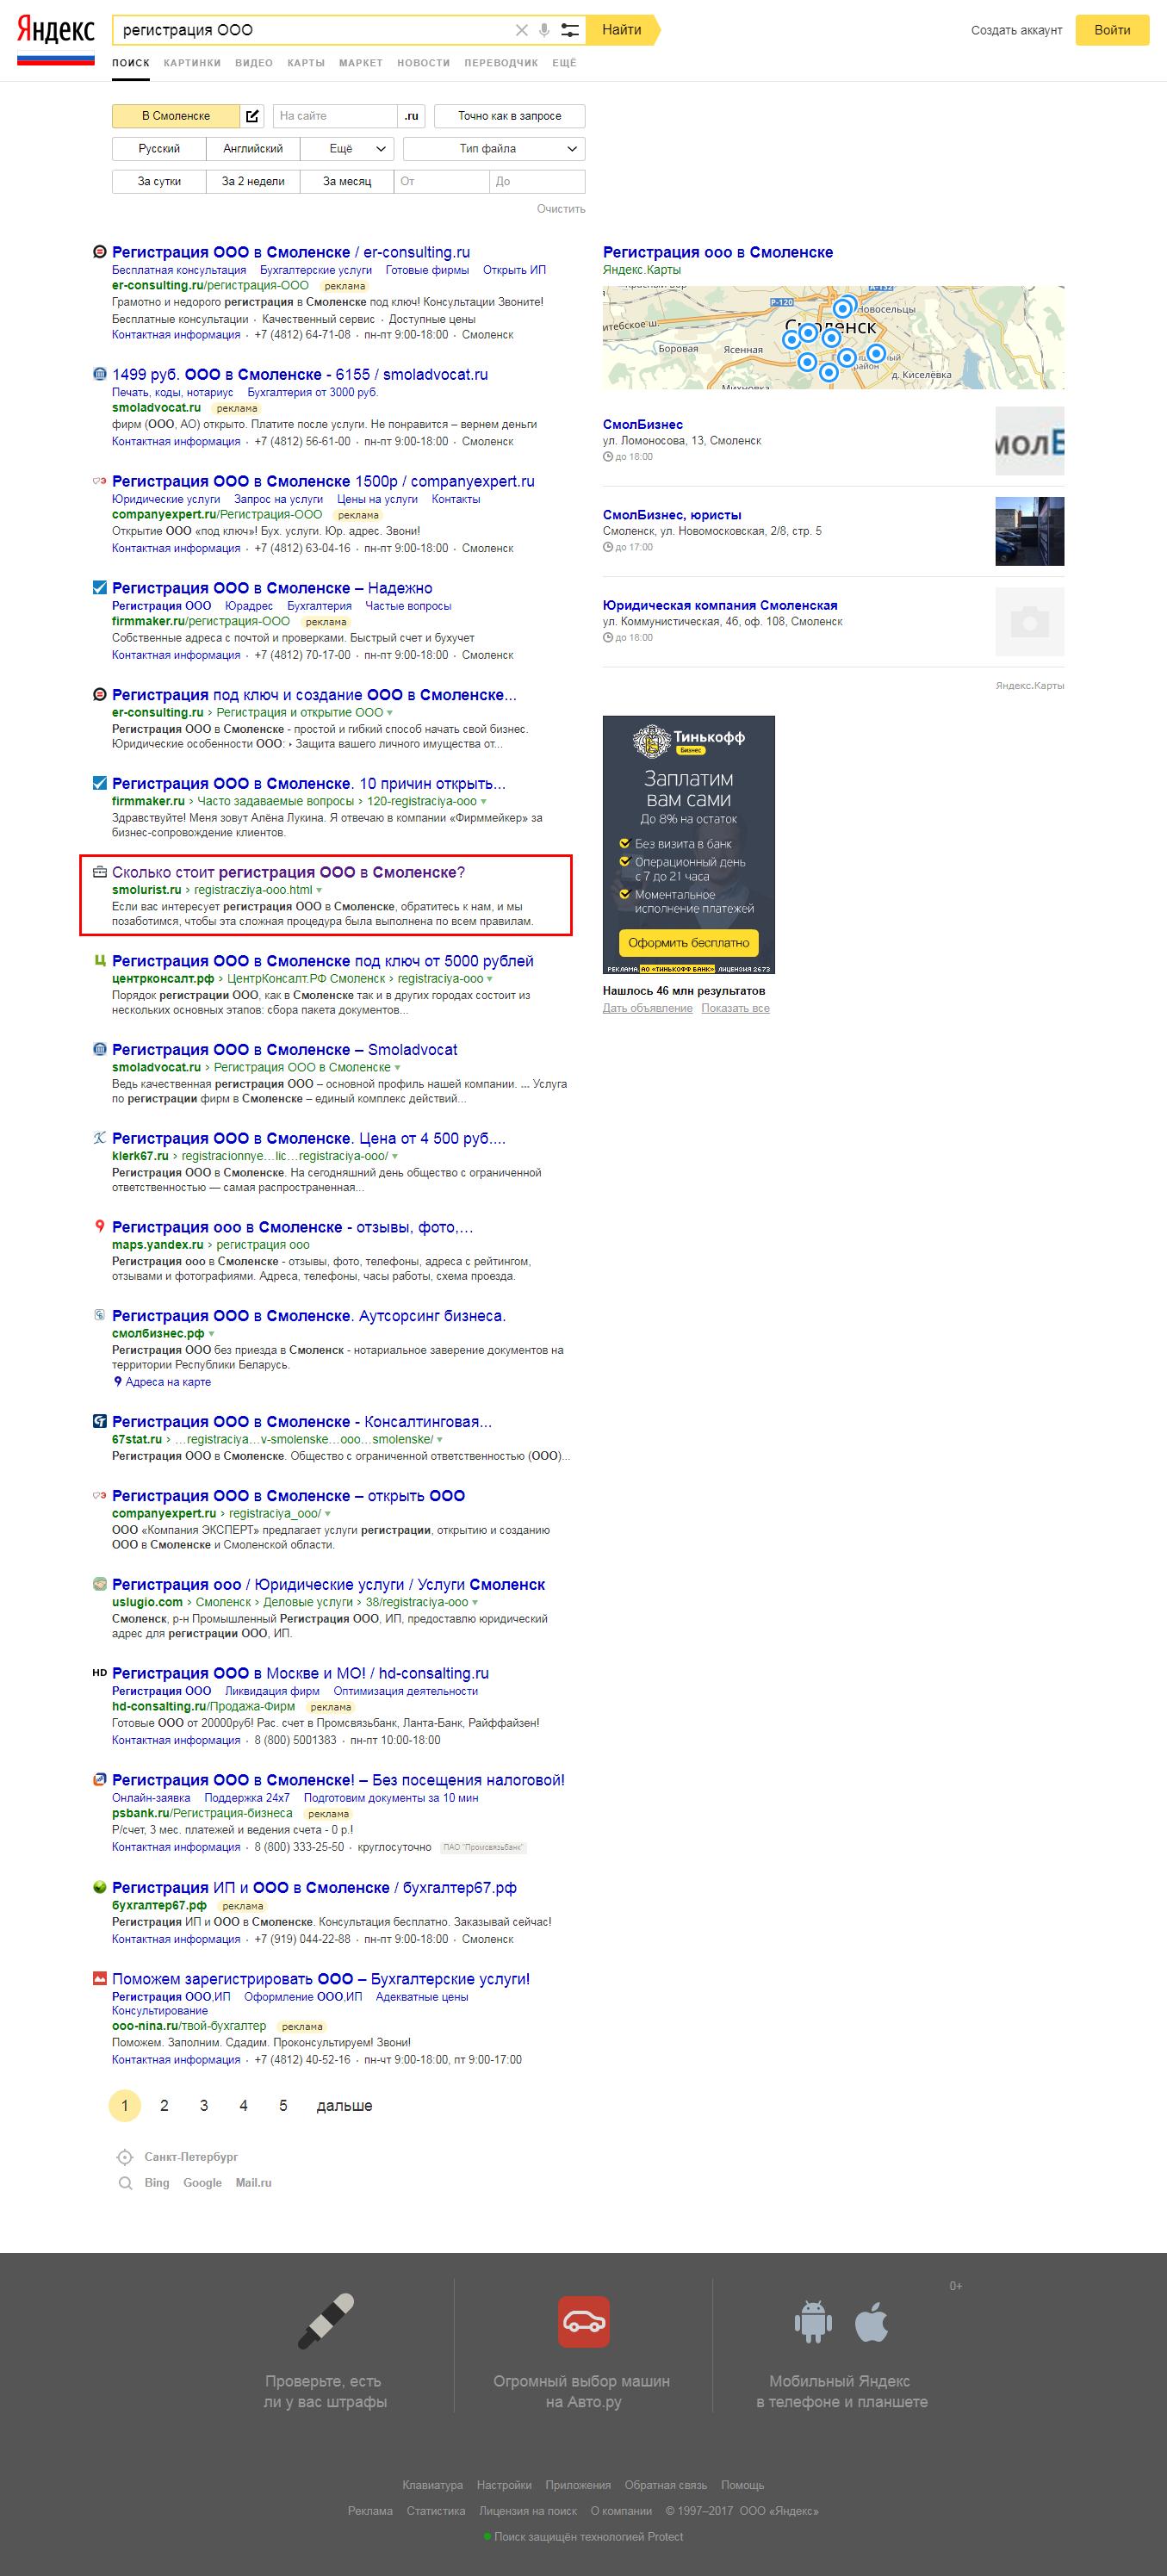 Регистрация ООО - ТОП 3 Yandex (Смоленск)